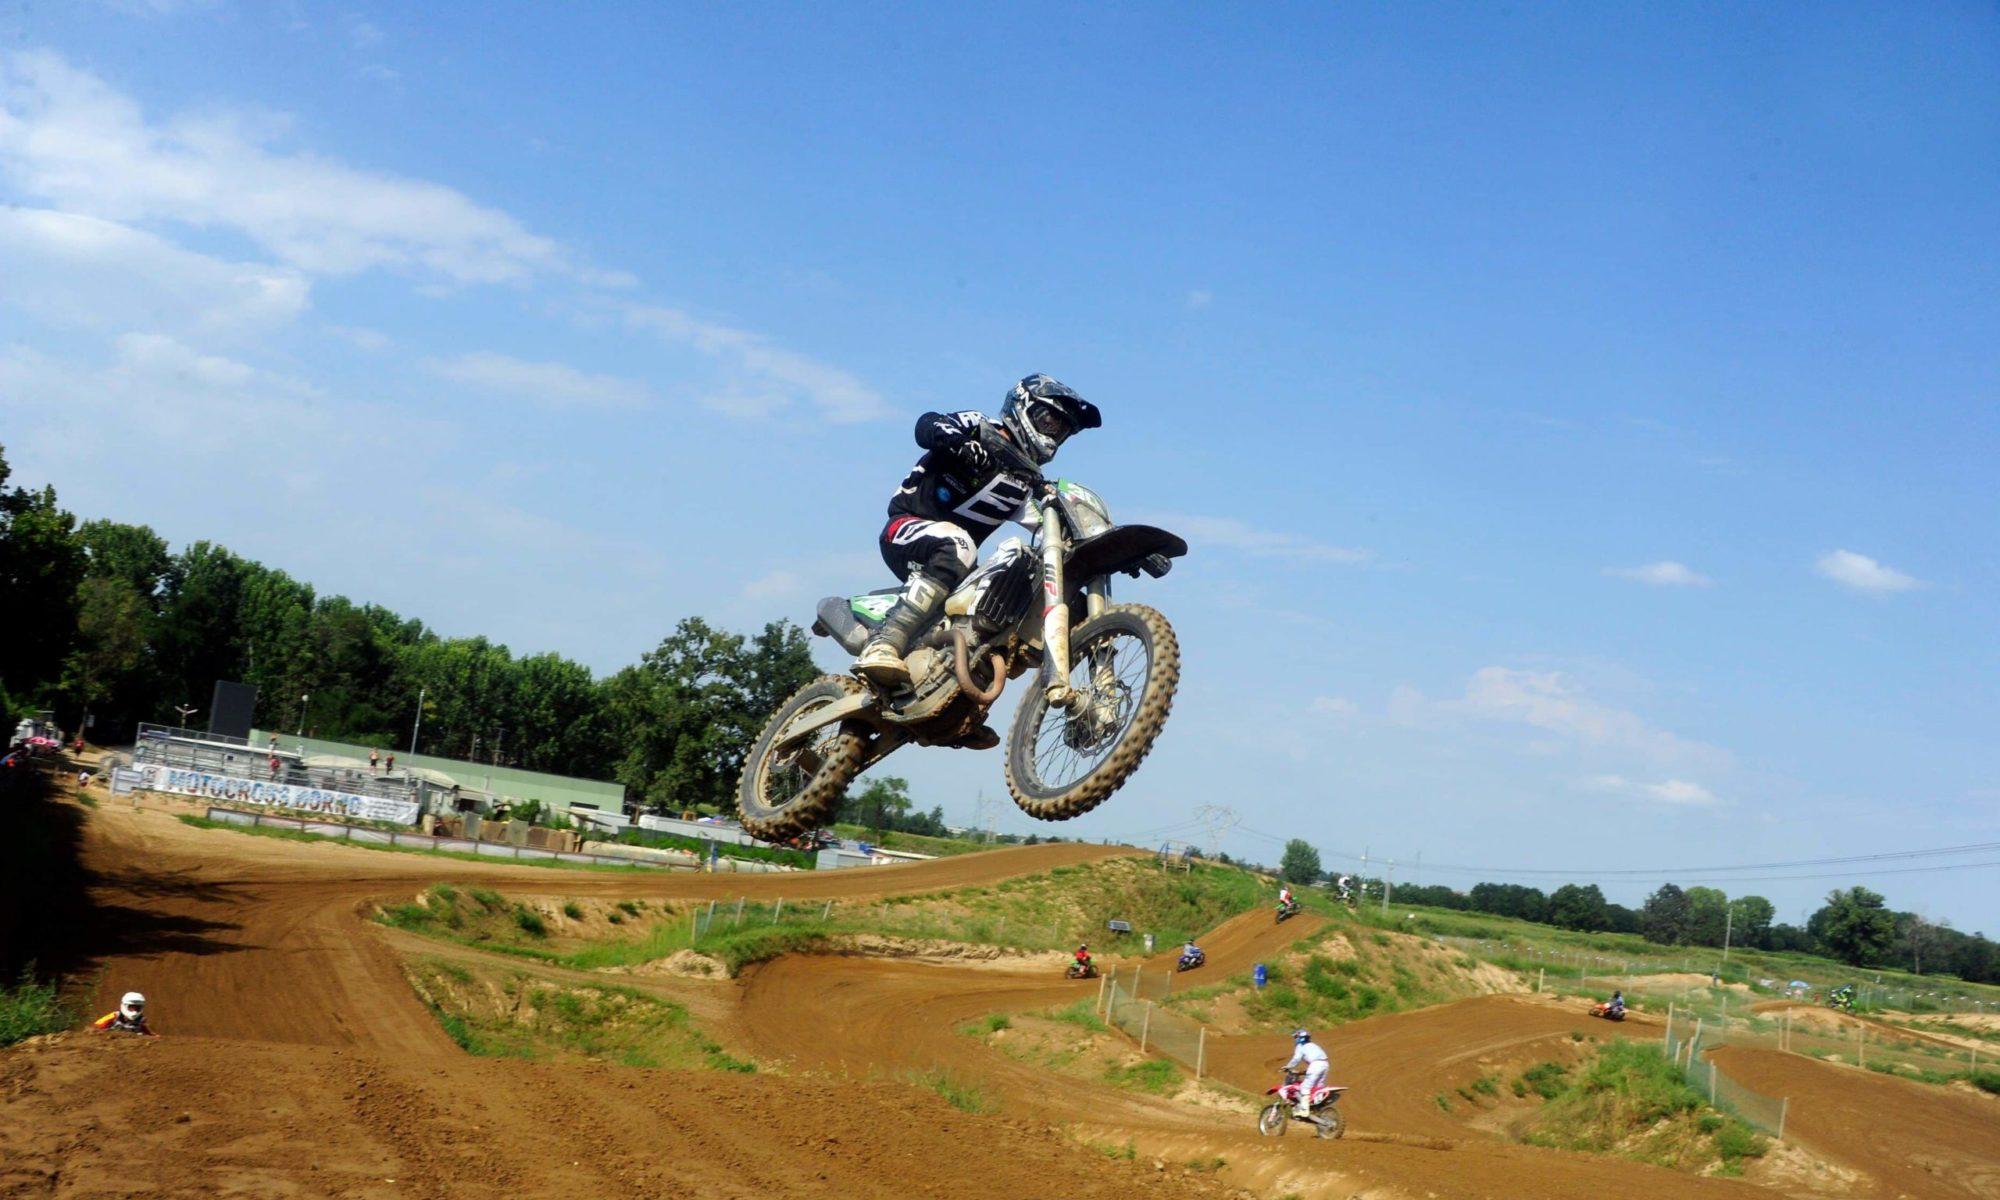 JM Racing